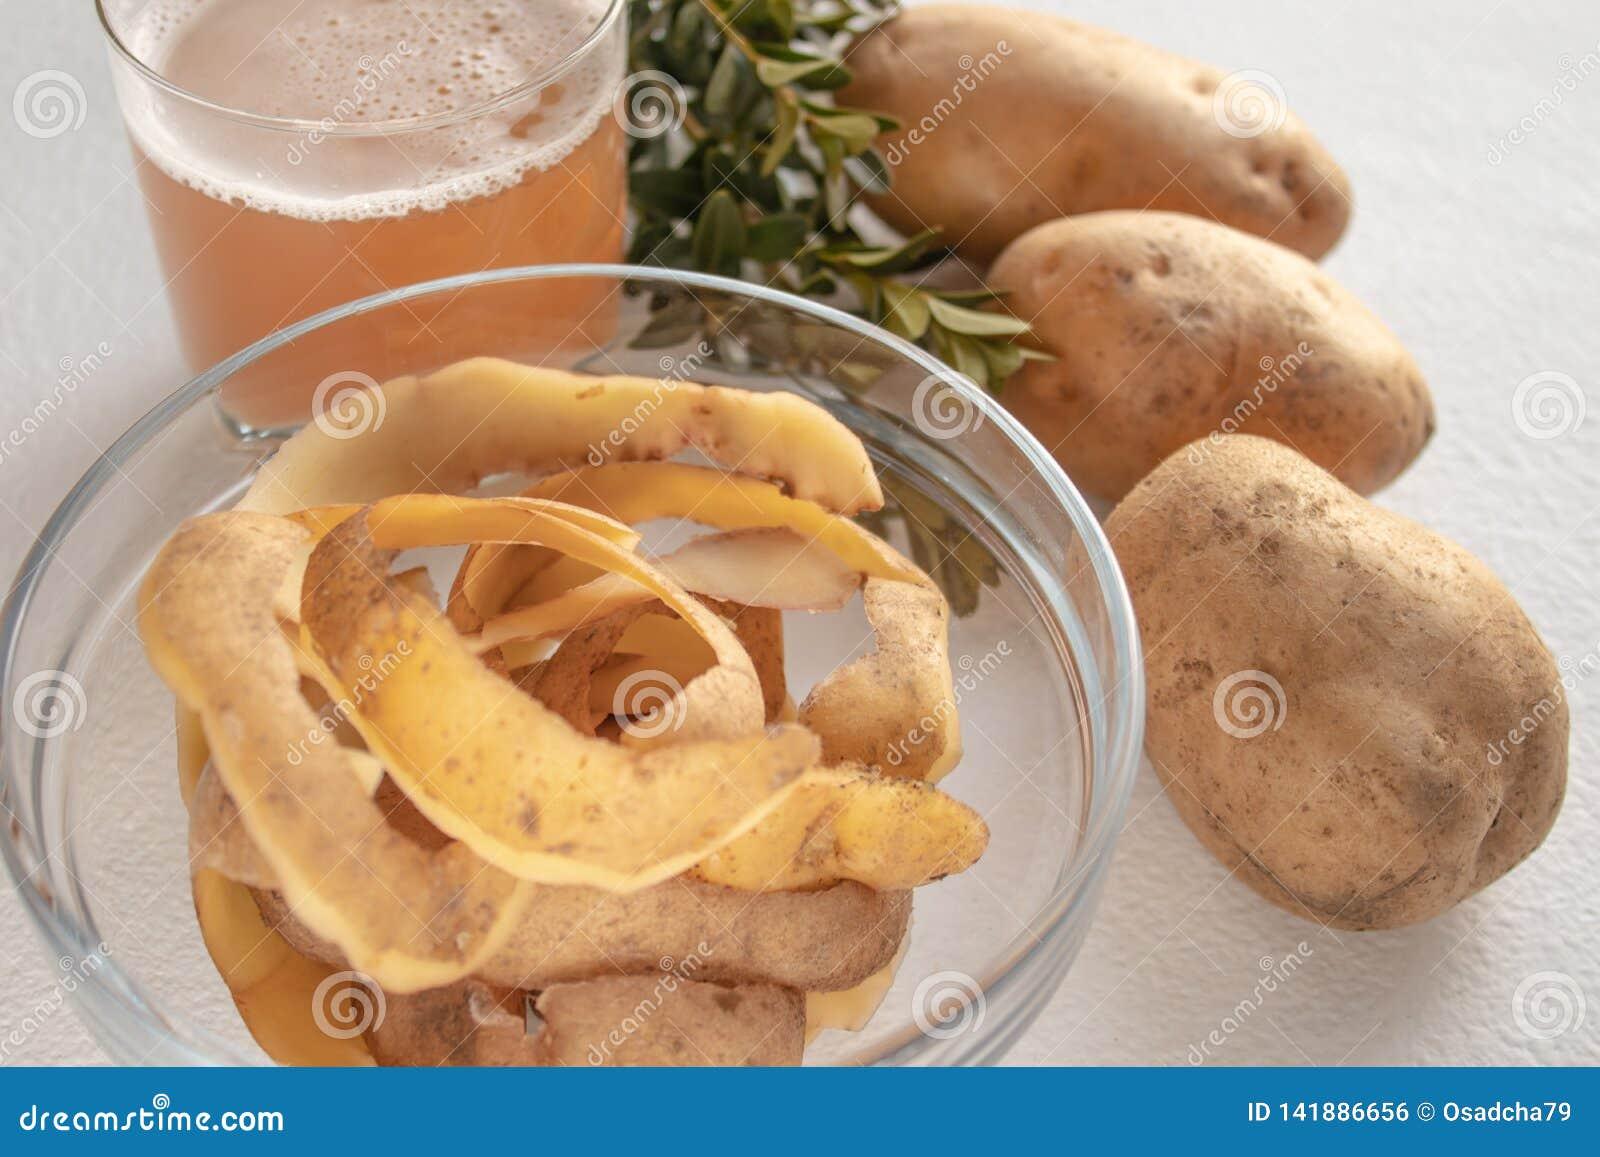 Potatisfruktsaft i ett exponeringsglas nära den hela potatisen och skarlupaen